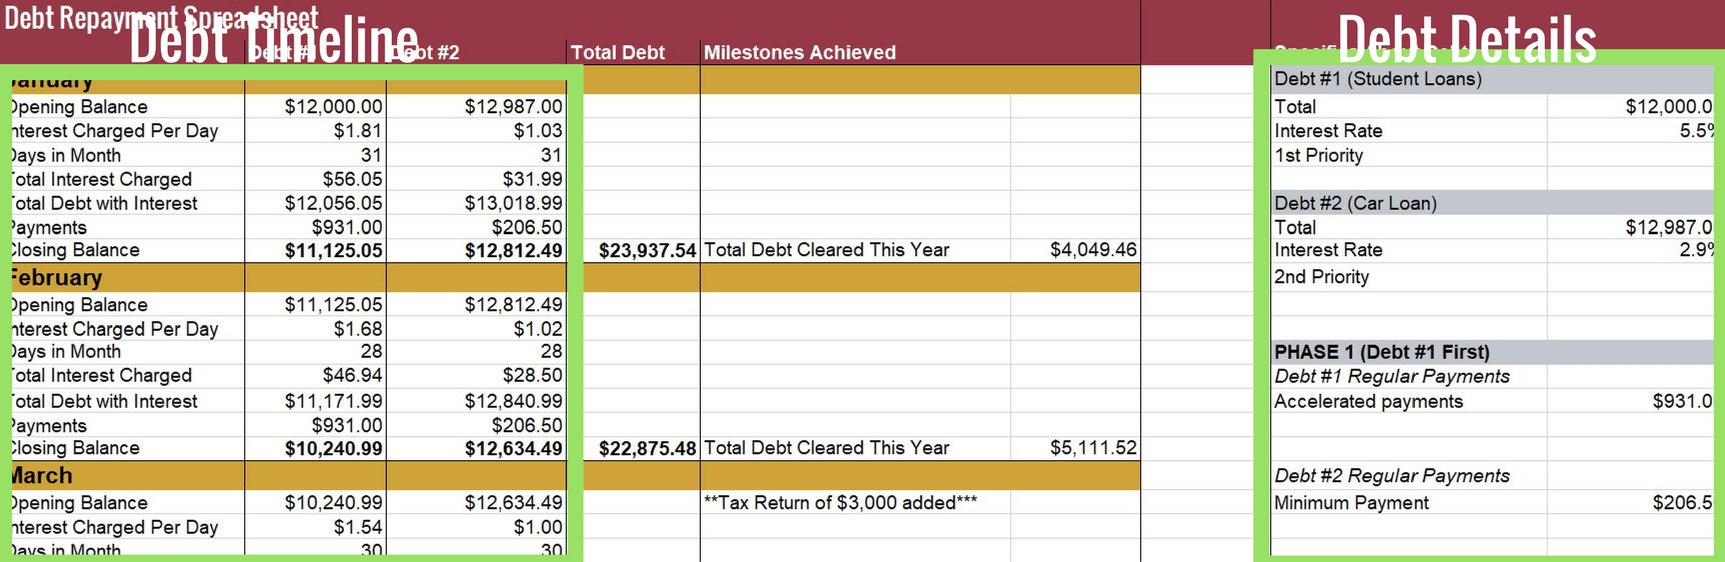 debt repayment spreadsheet